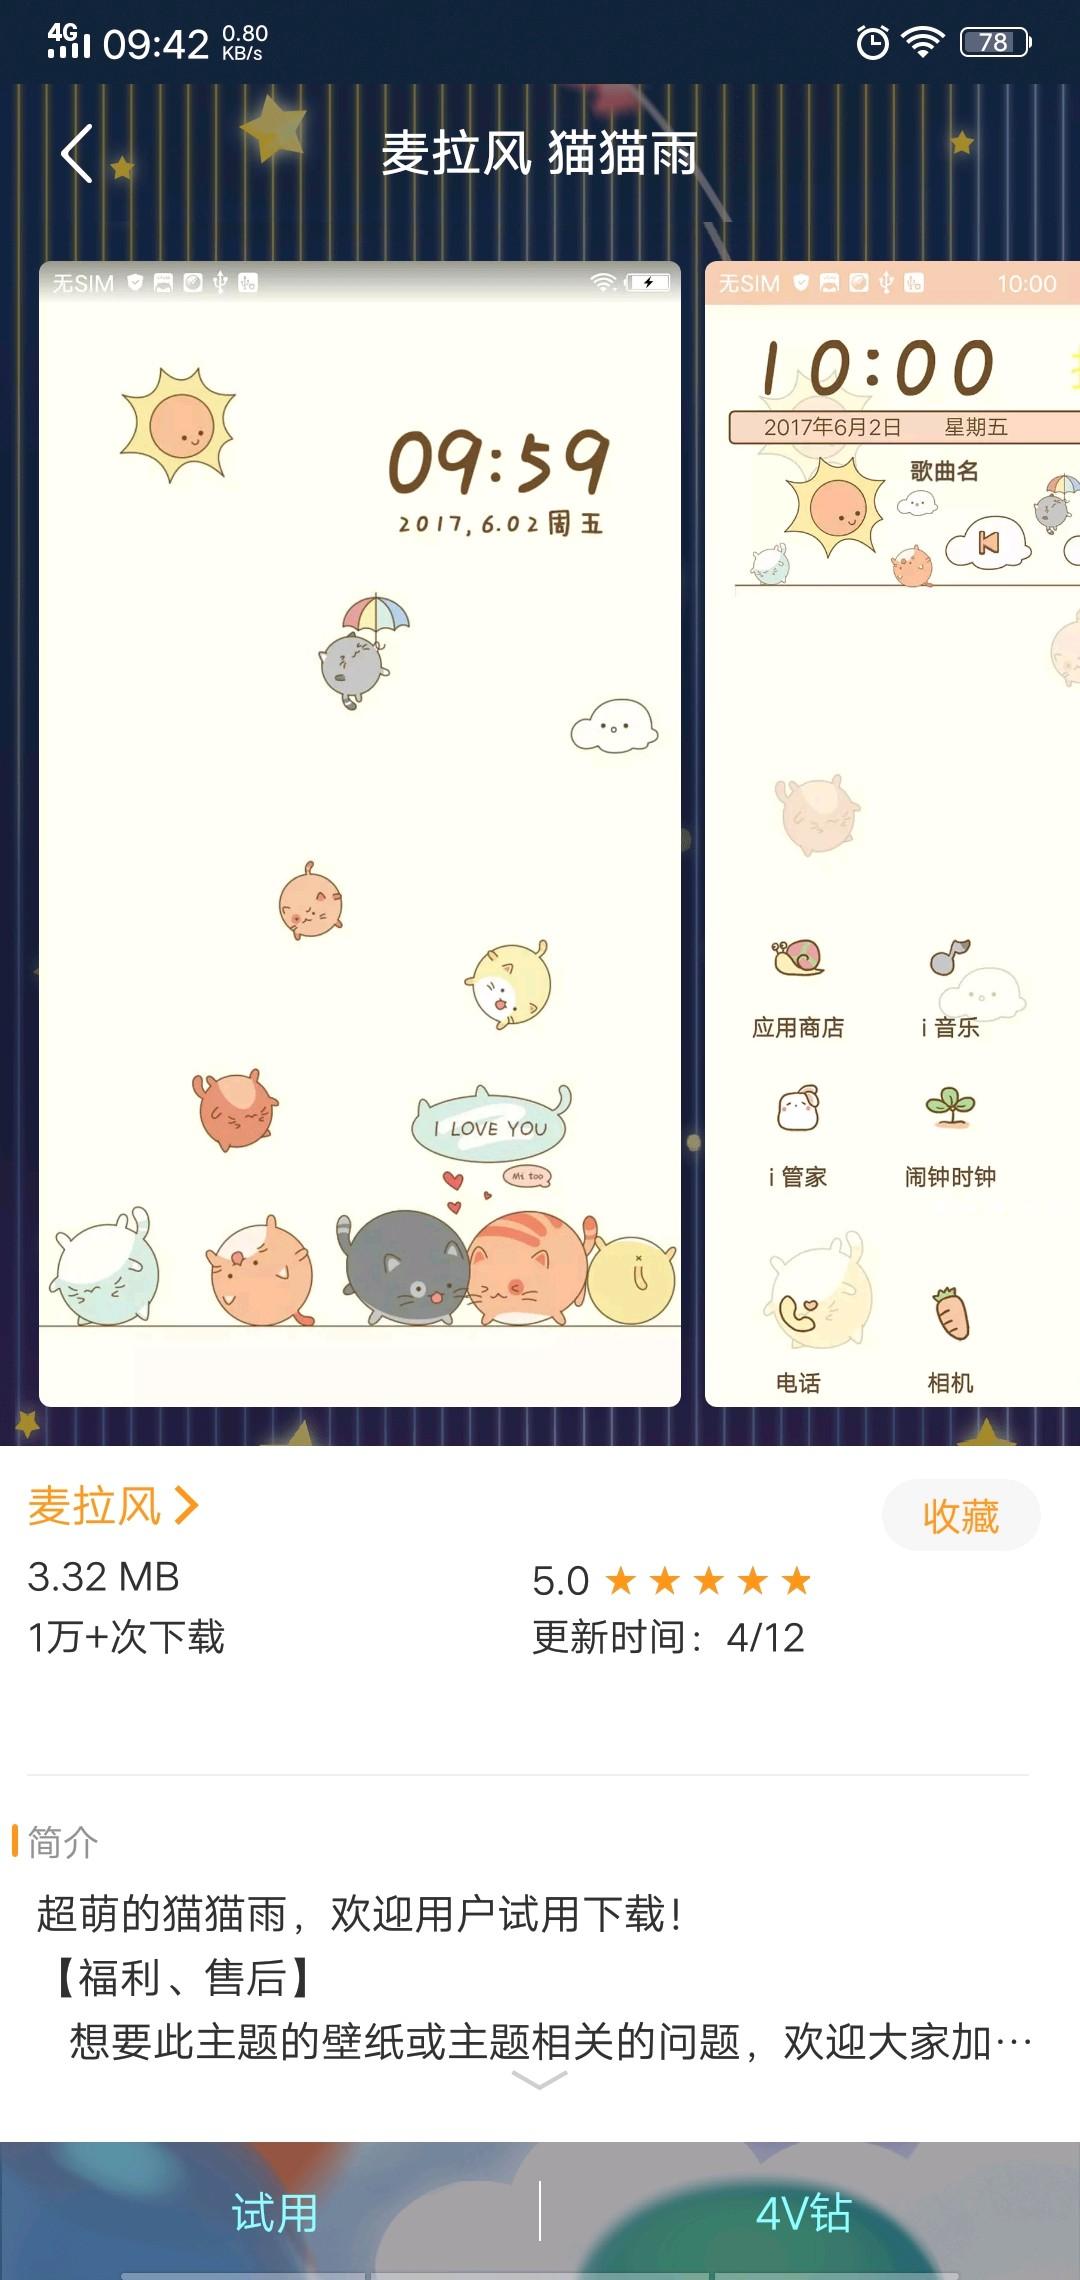 Screenshot_20181201_094251.jpg